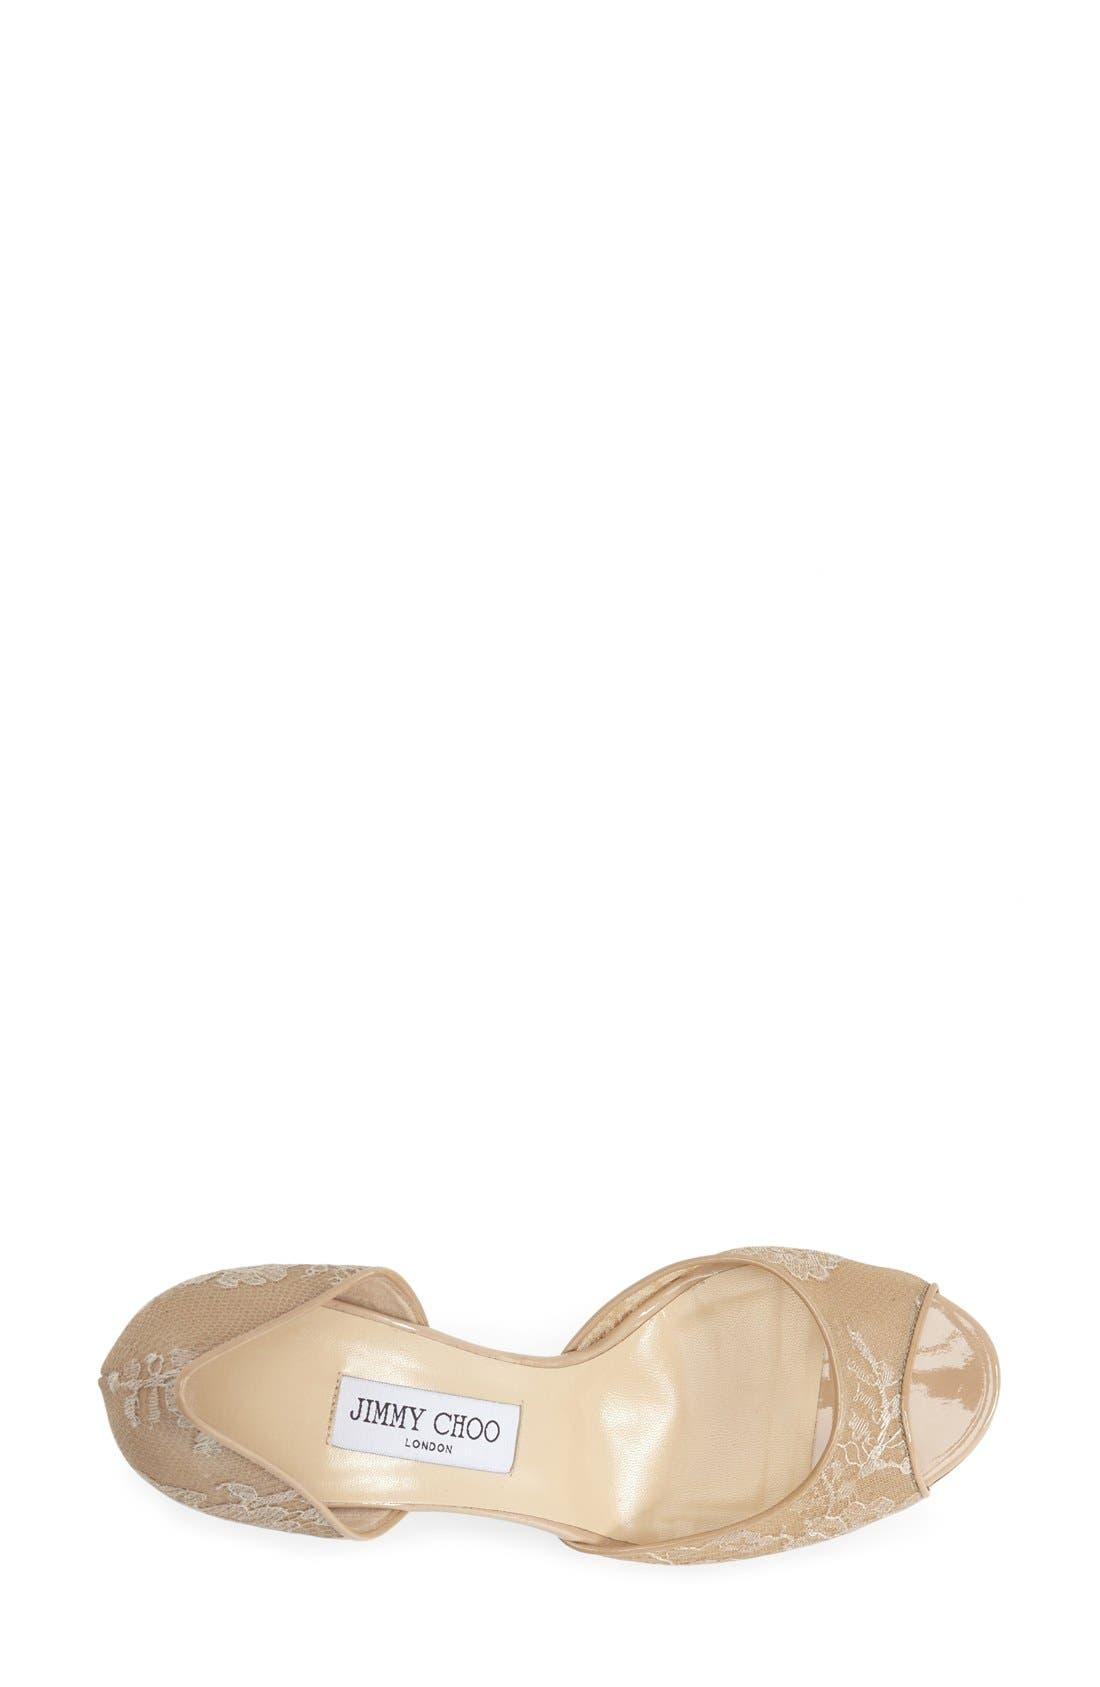 Alternate Image 3  - Jimmy Choo 'Lien' Lace Open Toe d'Orsay Pump (Women)